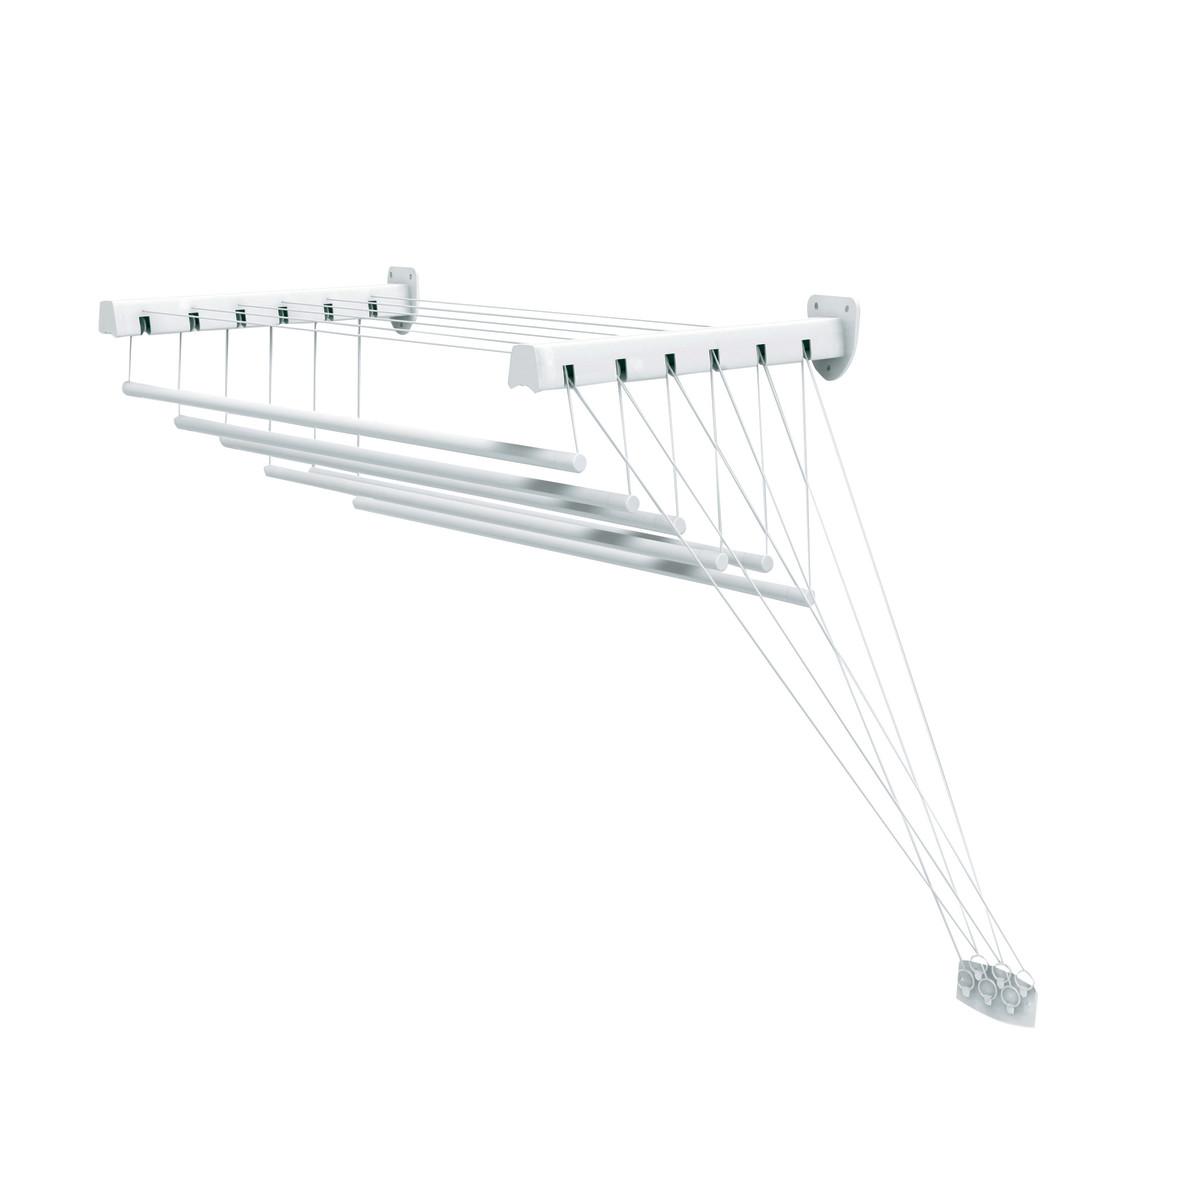 Stendibiancheria elettrico 120 w stendino 8 barre prezzo e offerte sottocosto for Scaldasalviette elettrico leroy merlin